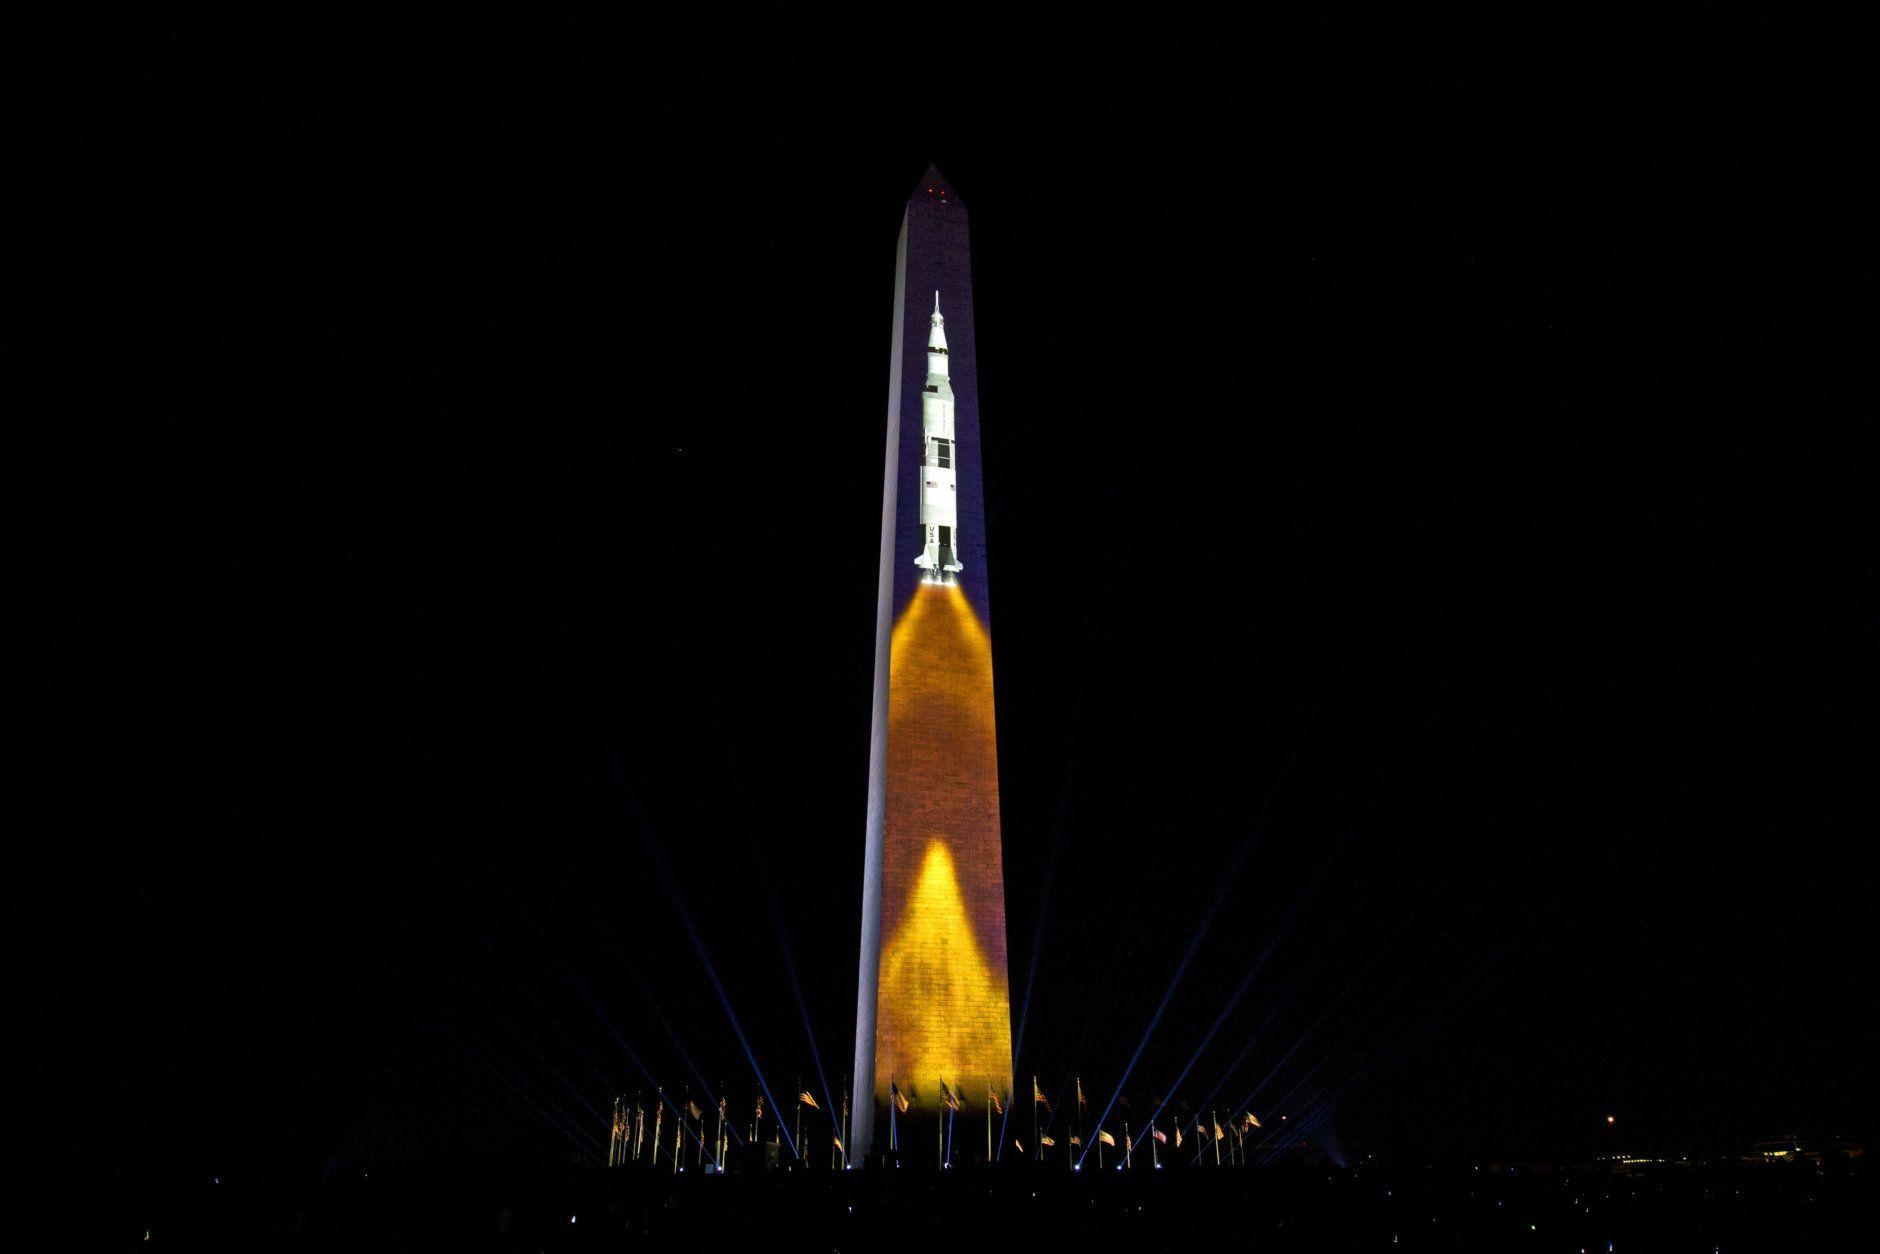 apollo 11 space mission washington monument - photo #19